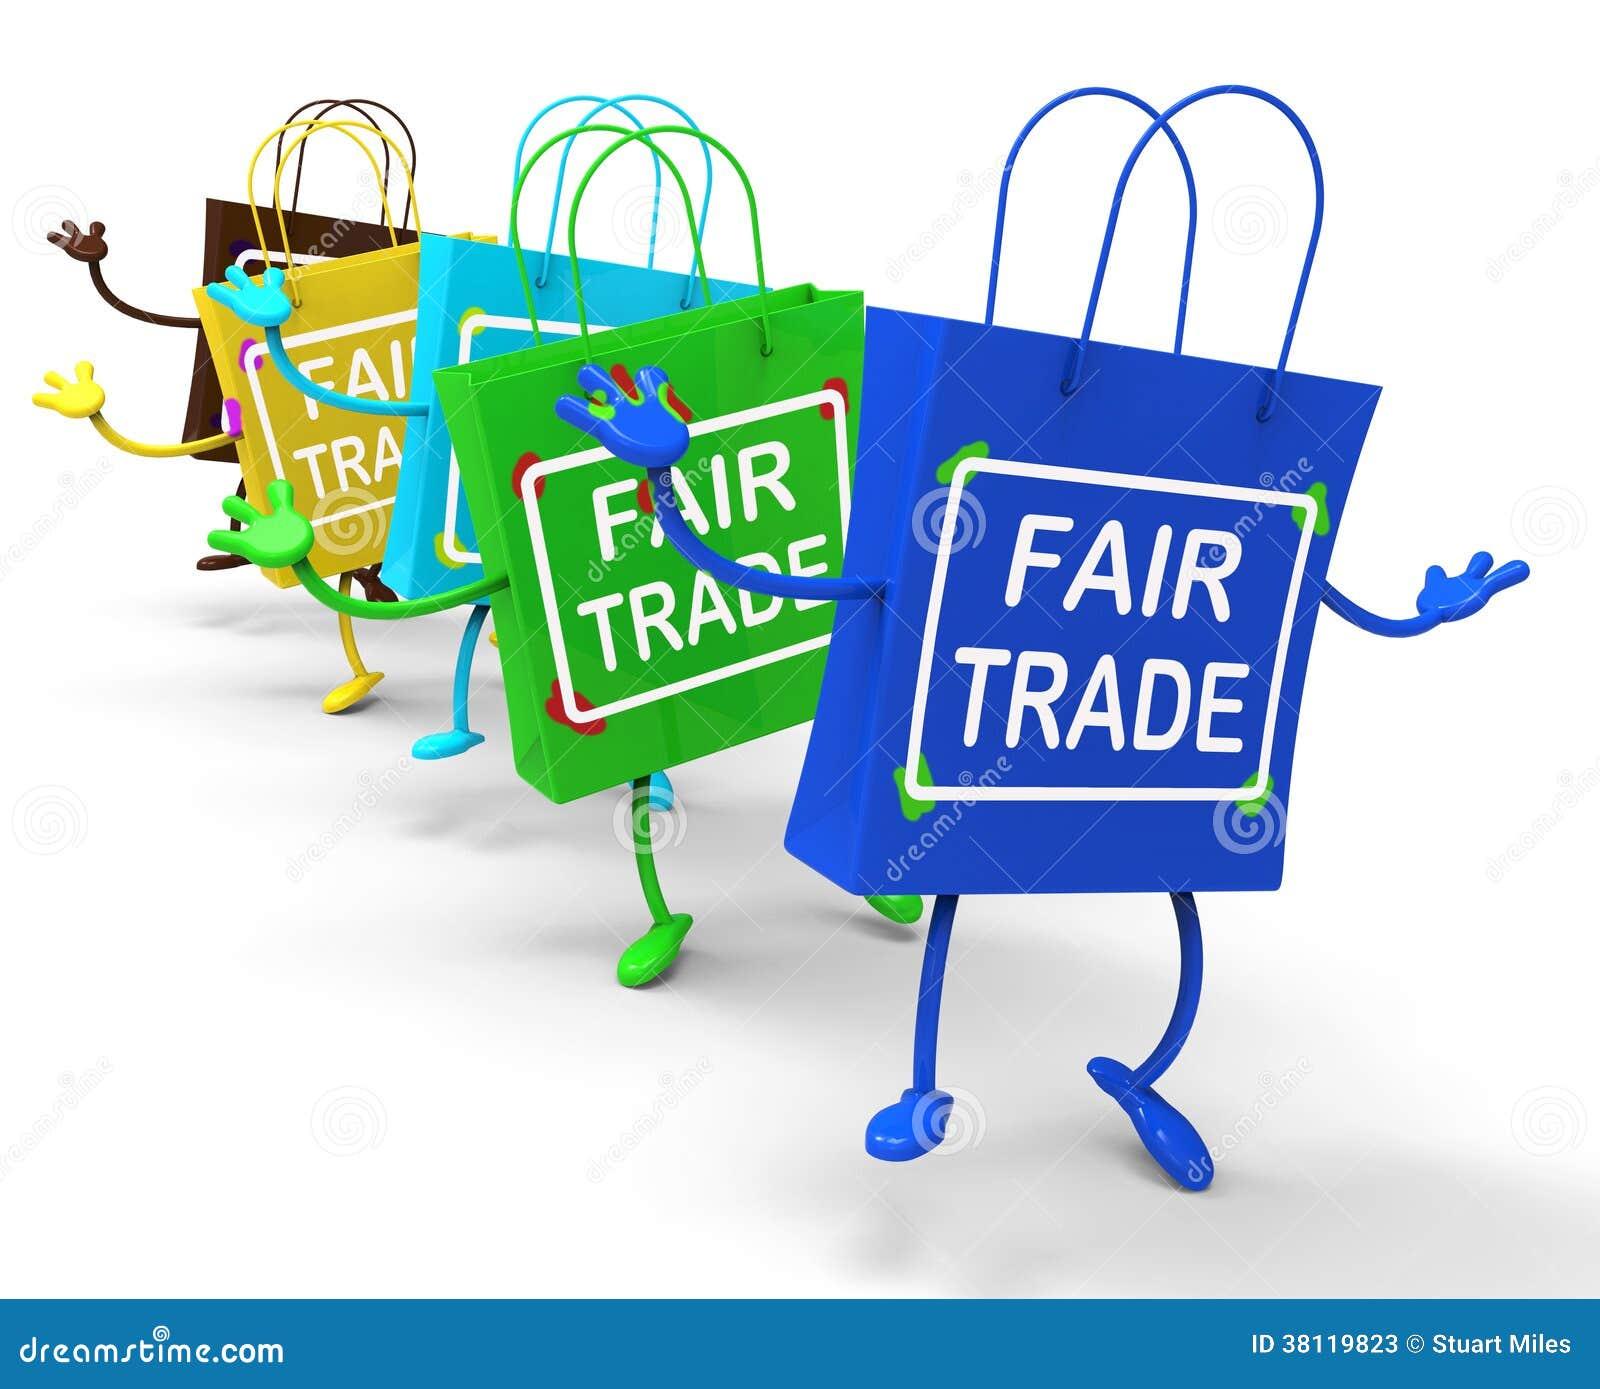 Los bolsos del comercio justo muestran tratos iguales y los intercambian